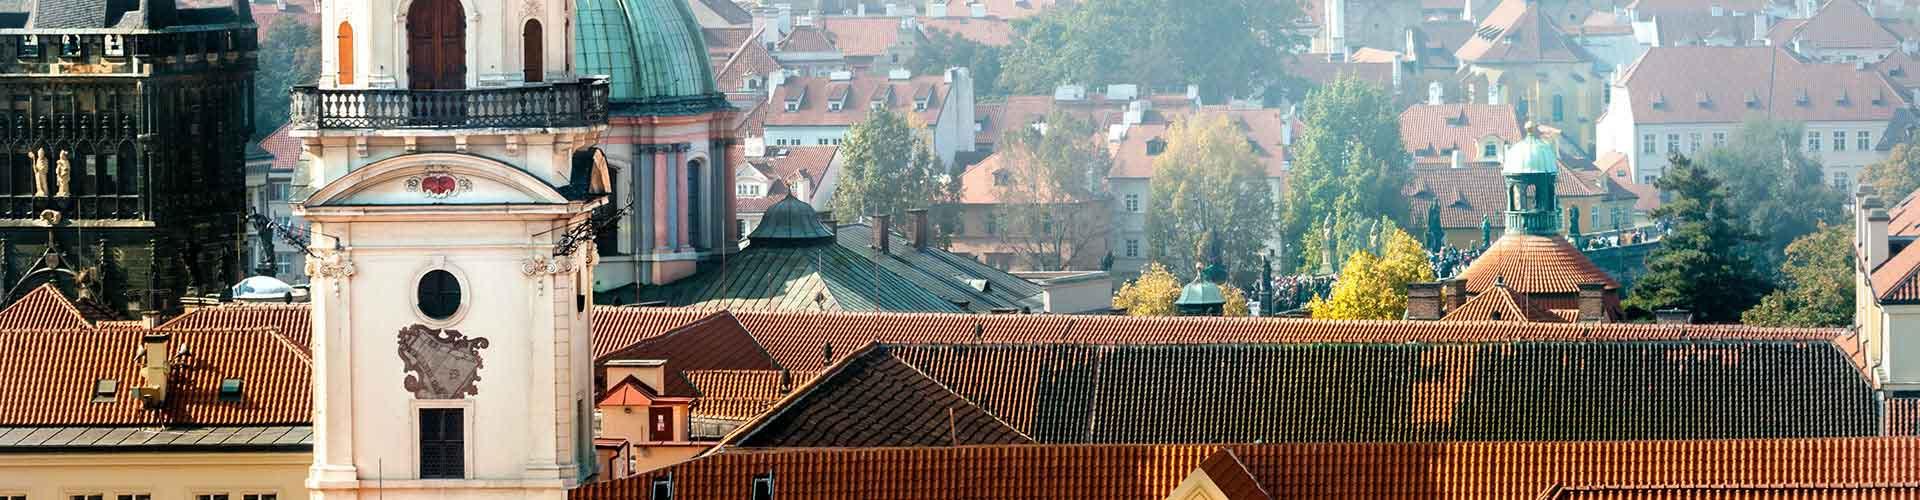 Praha – Hostellit lähellä Clementinum. Praha -karttoja, valokuvia ja arvosteluja kaikista Praha -hostelleista.